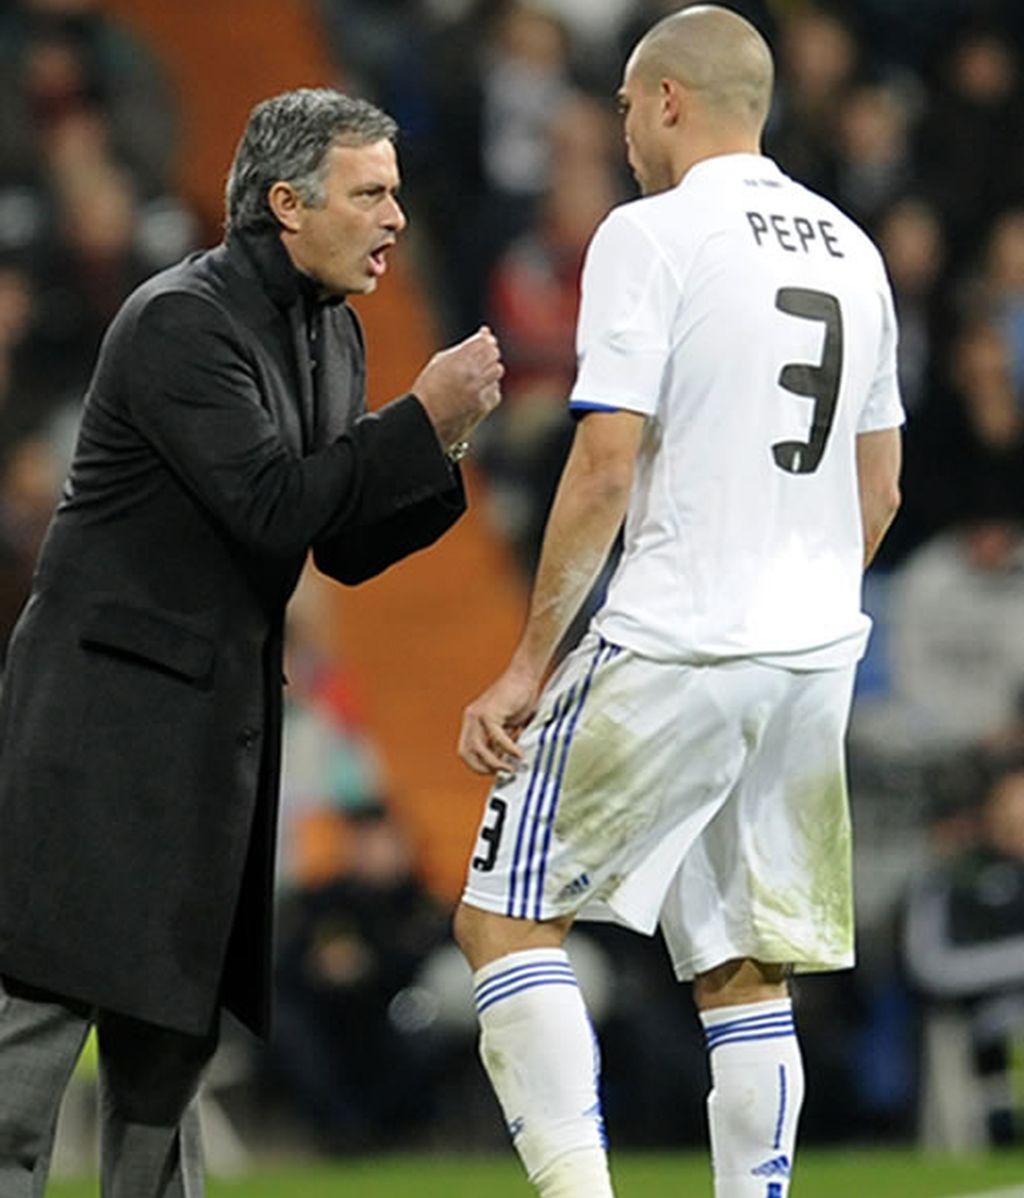 El Manchester City quiere a Pepe para la próxima temporada